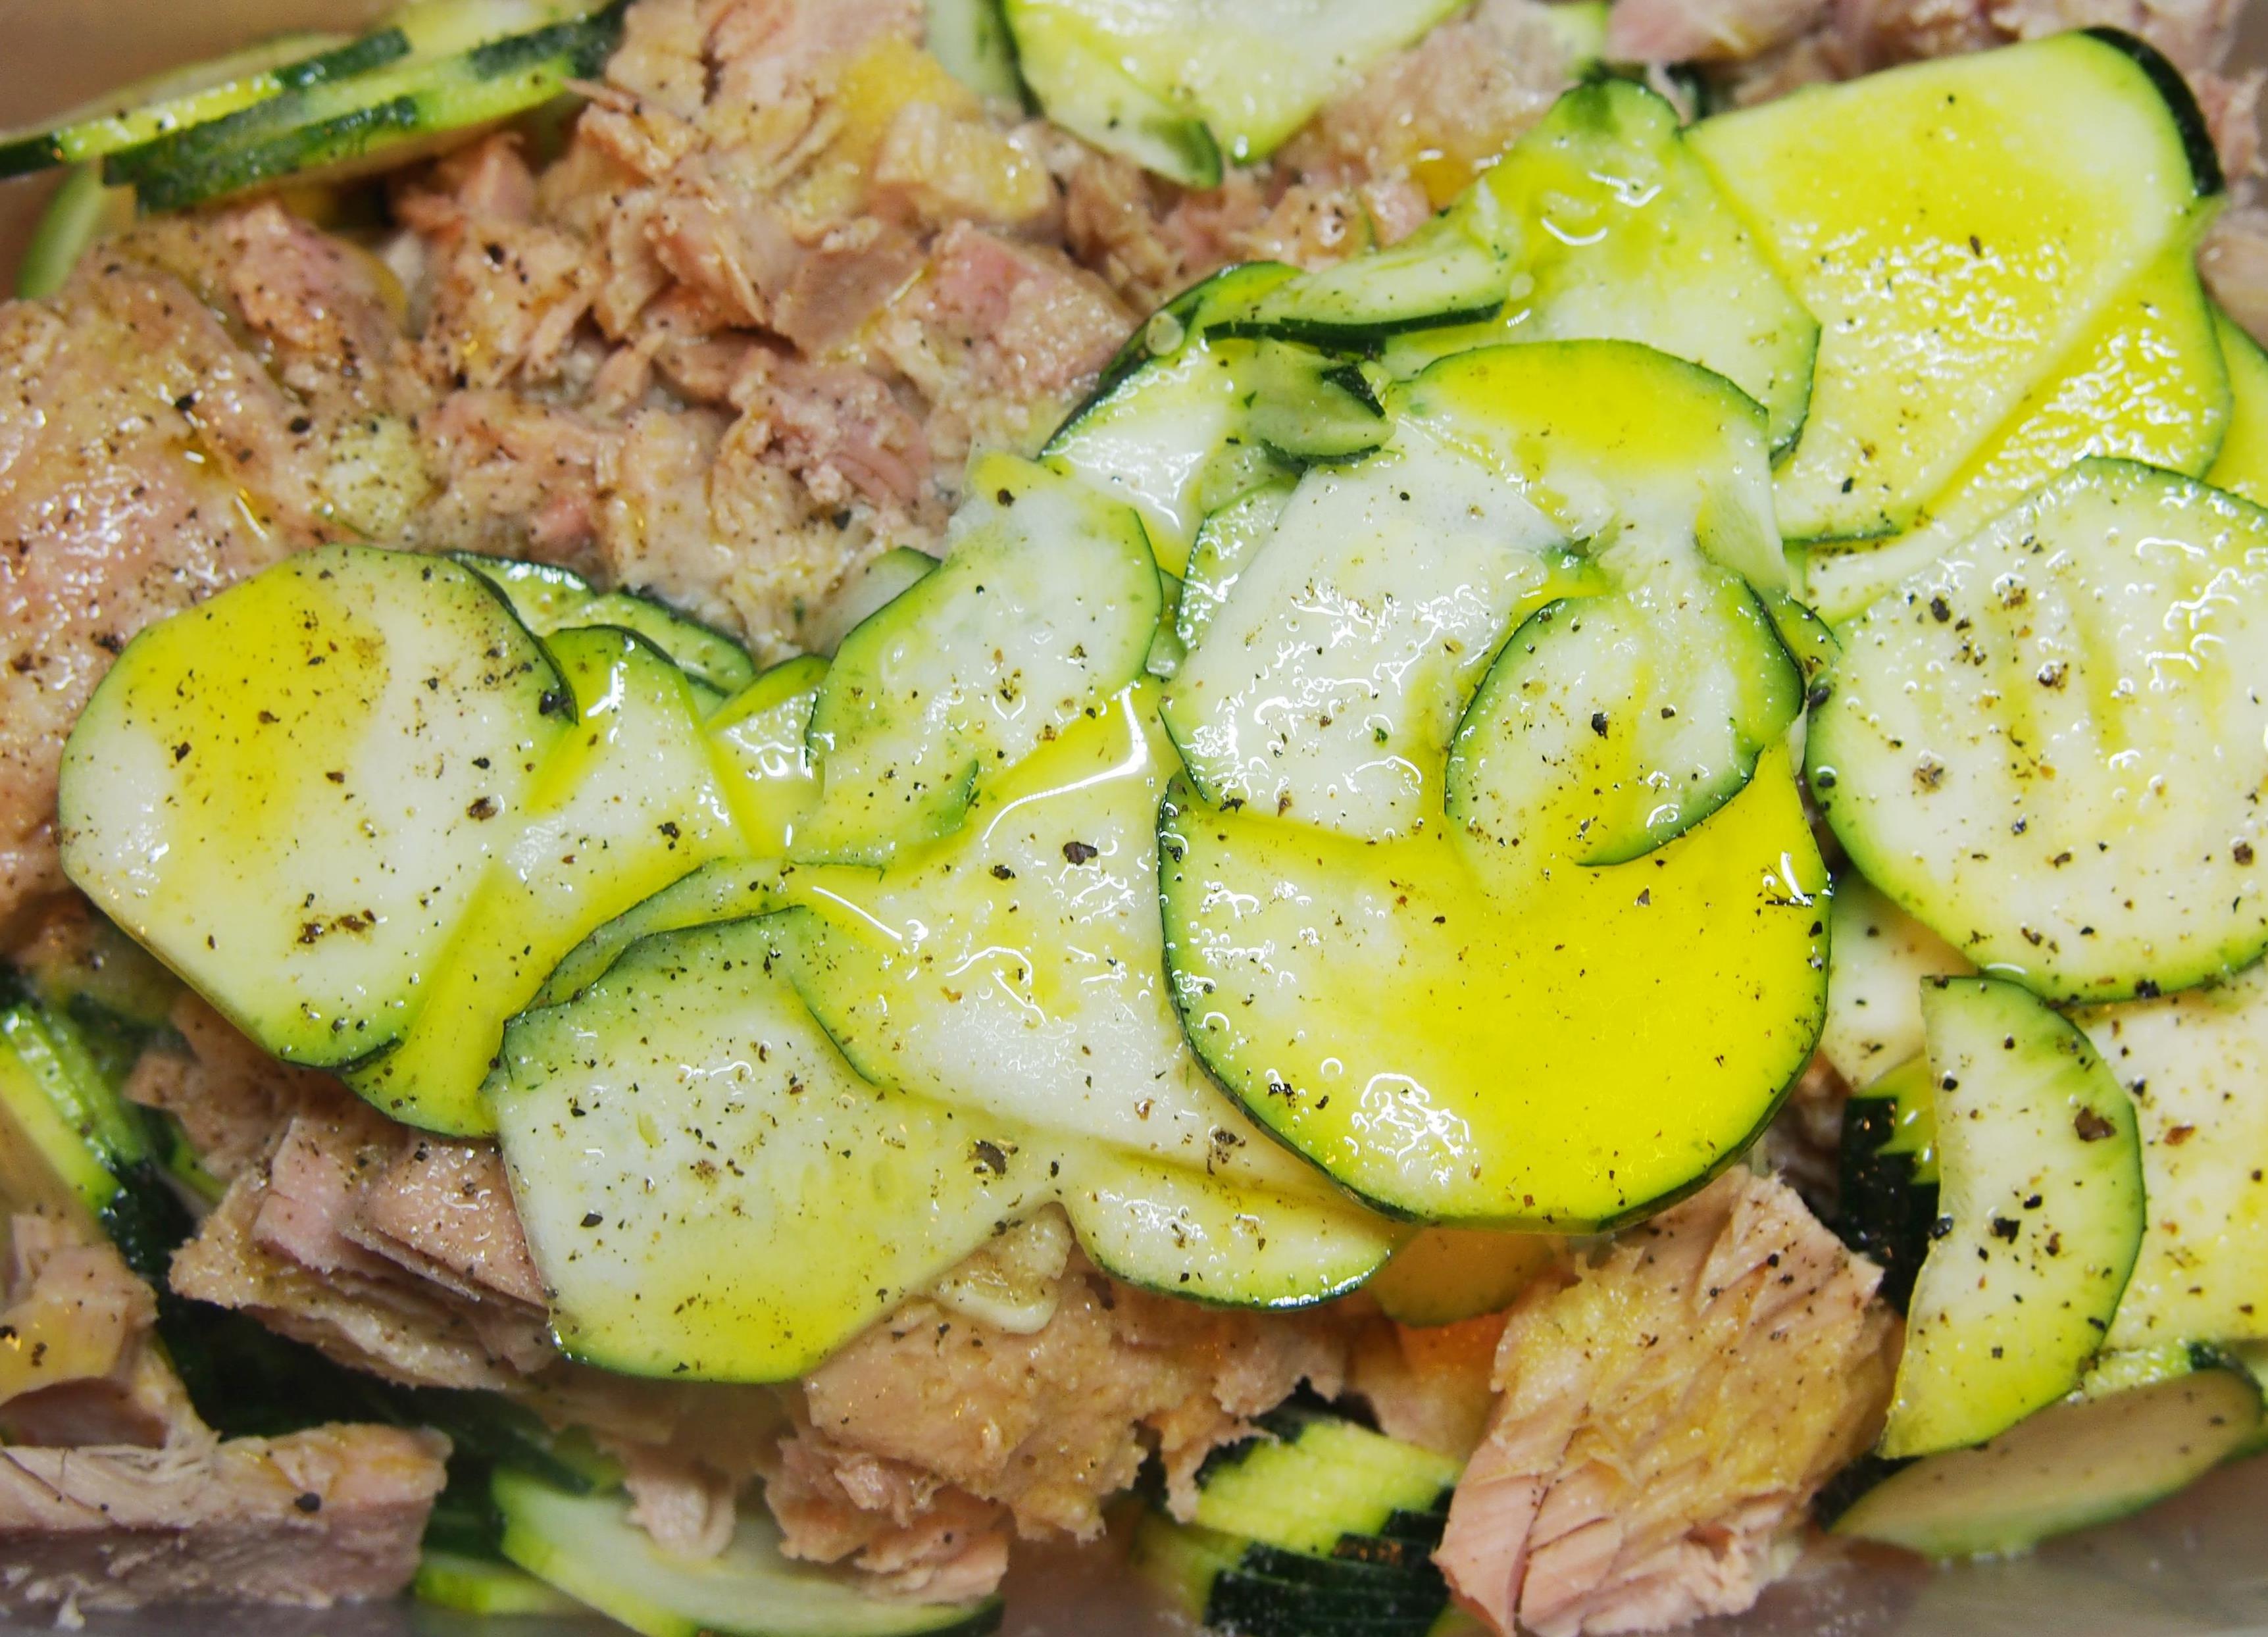 Salade de courgette au thon et merci mathilde - Cuisiner du thon en boite ...